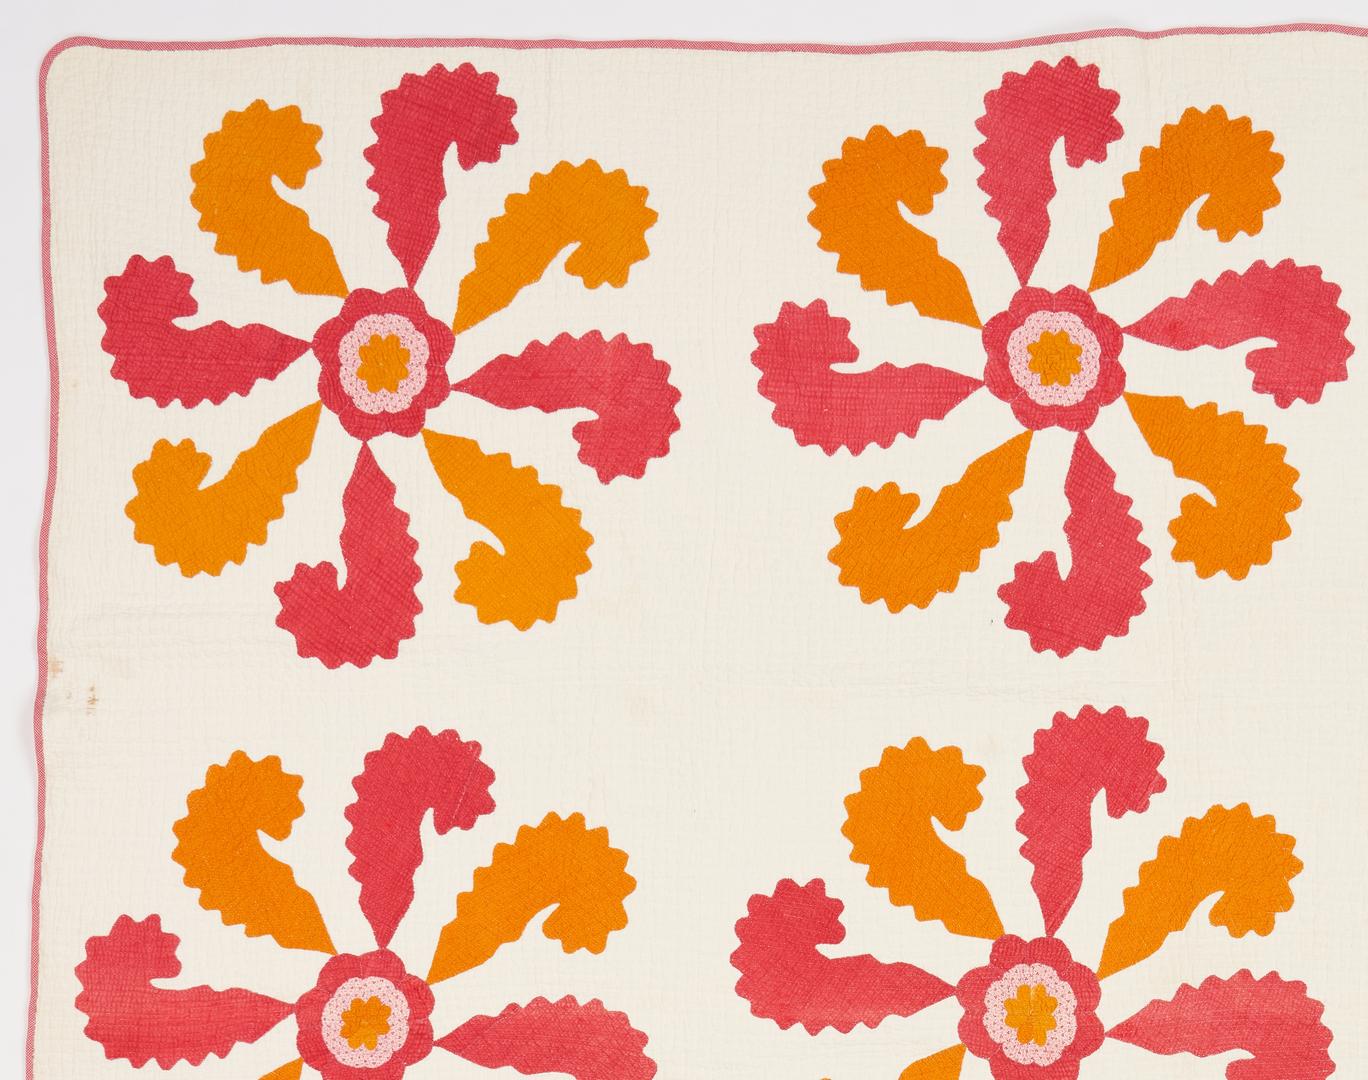 Lot 207: East TN Applique Princess Feather Quilt